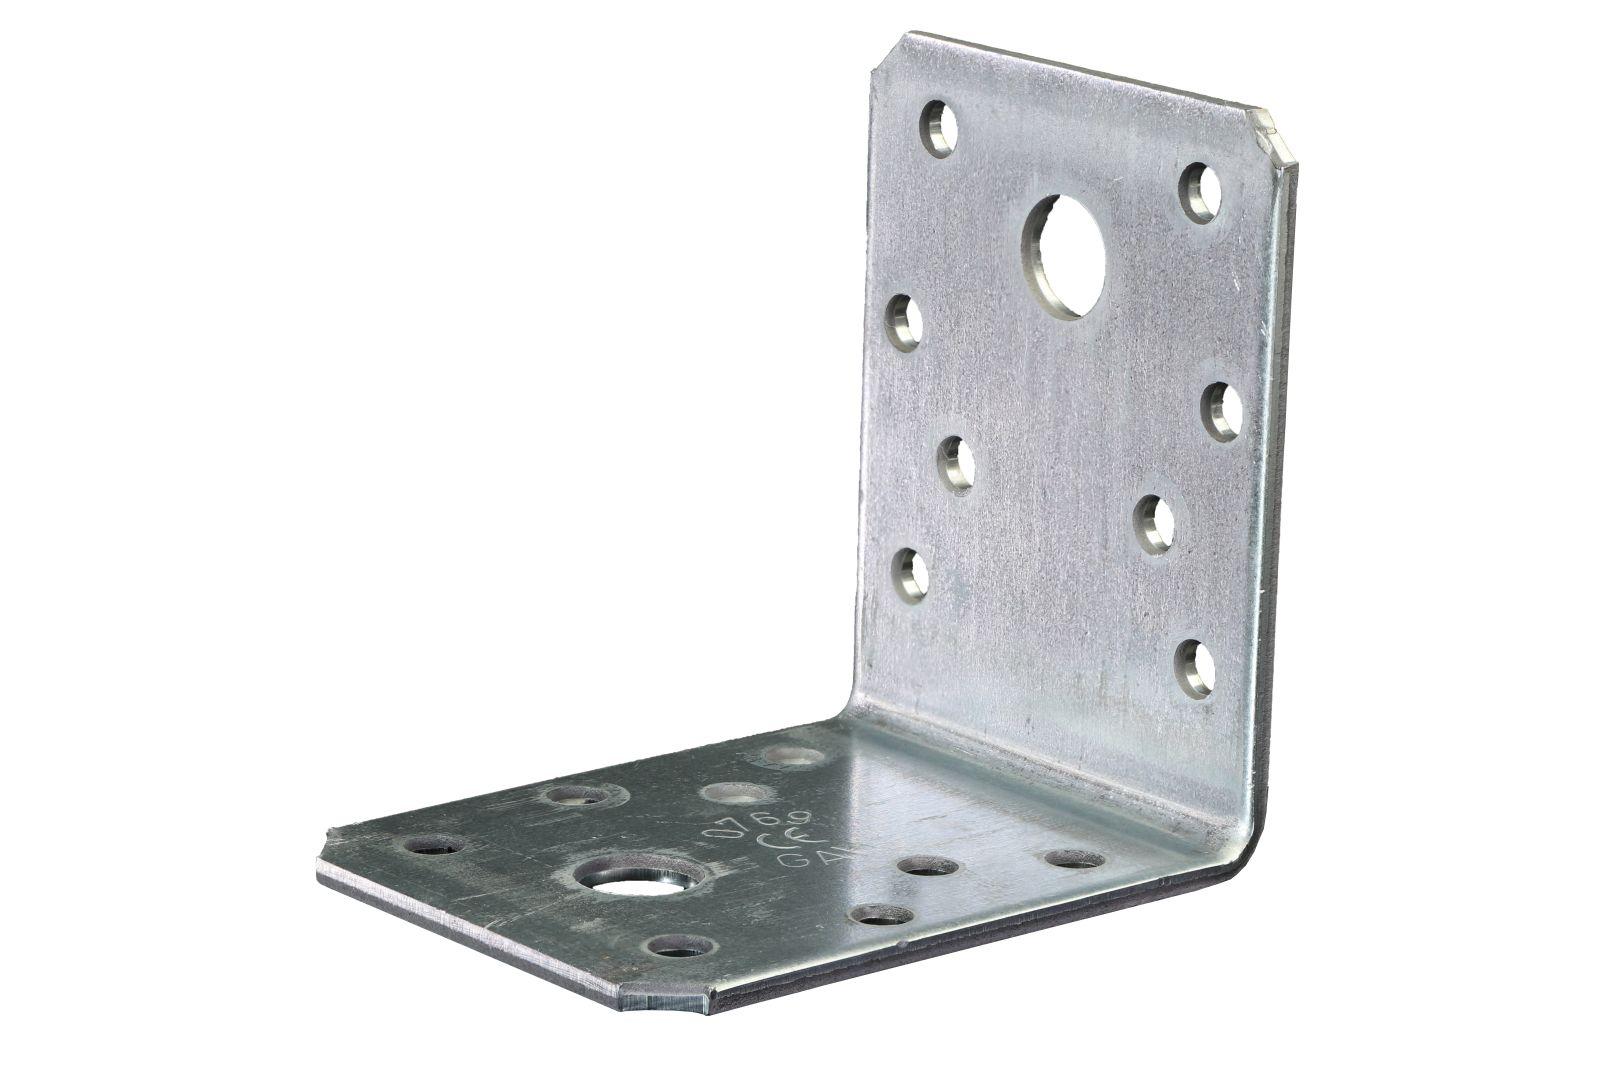 GAH Winkelverbinder, Lochplattenwinkel, sendzimirverzinkt, 70 x 70 x 55 mm, Stärke: 2 mm